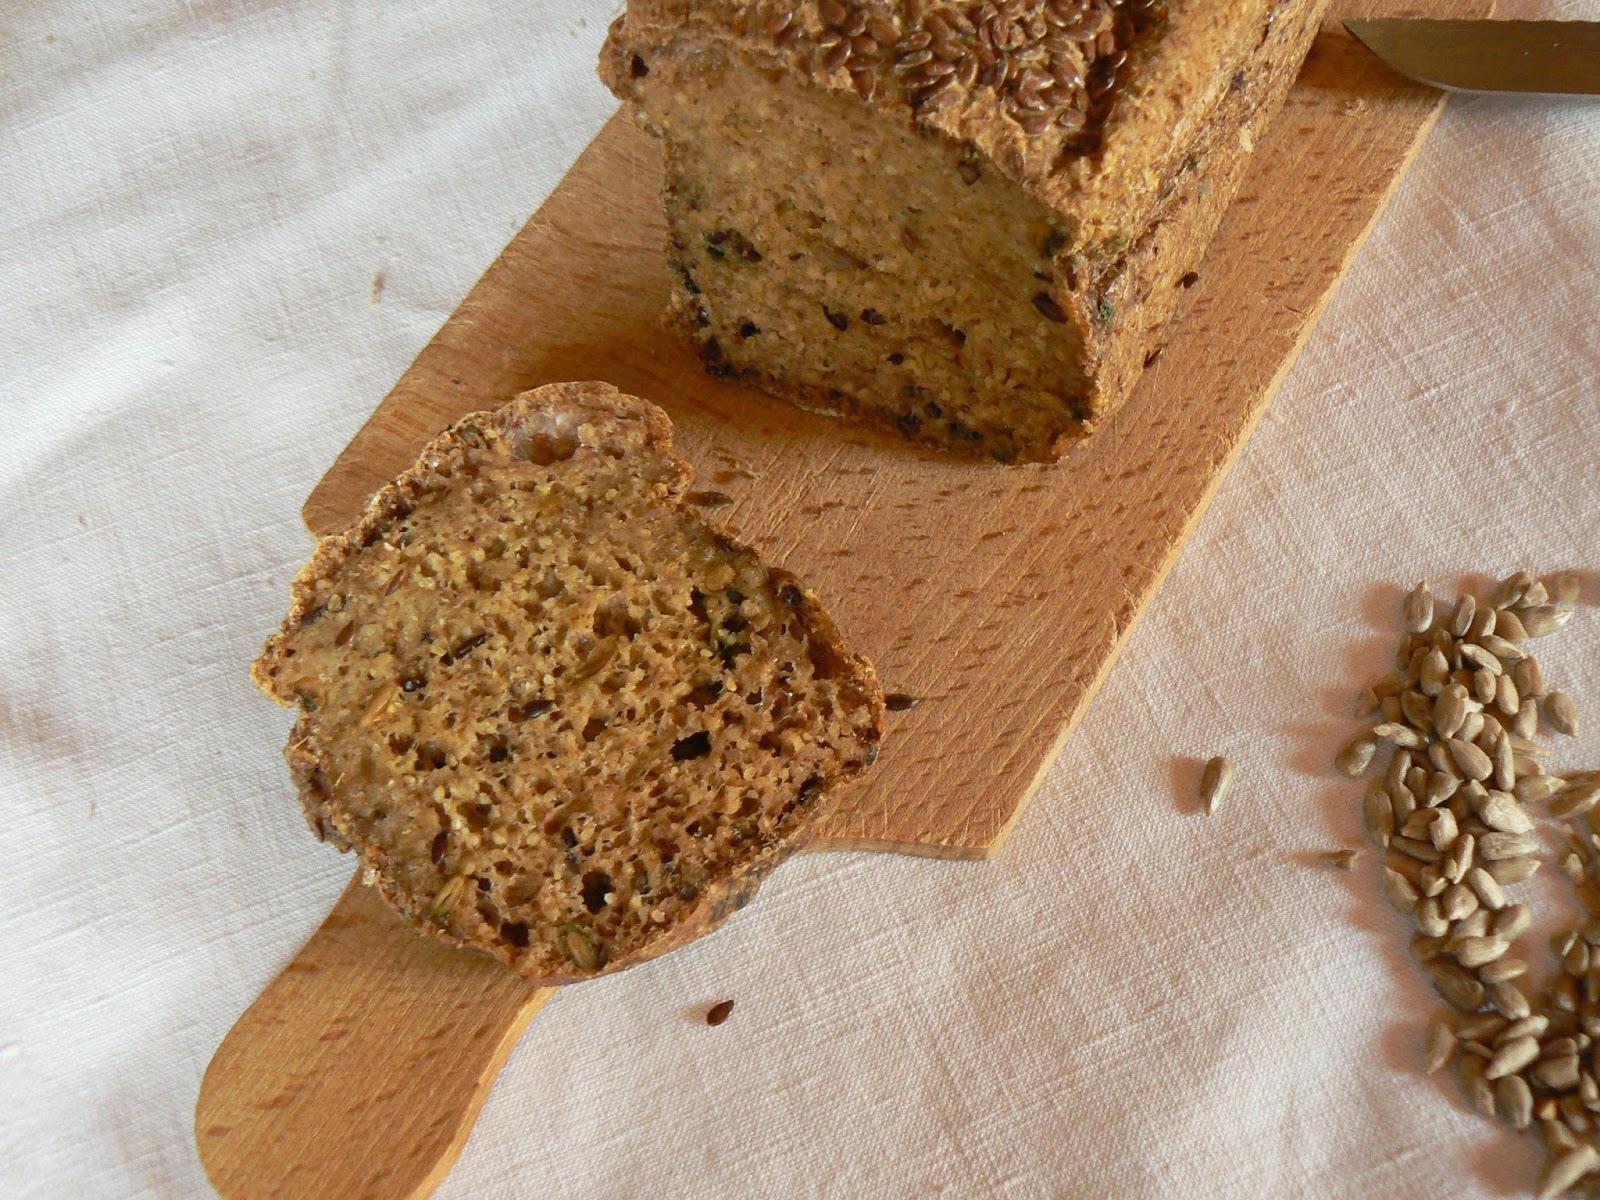 Naturopathie Ain - Pain moelleux sans gluten aux graines